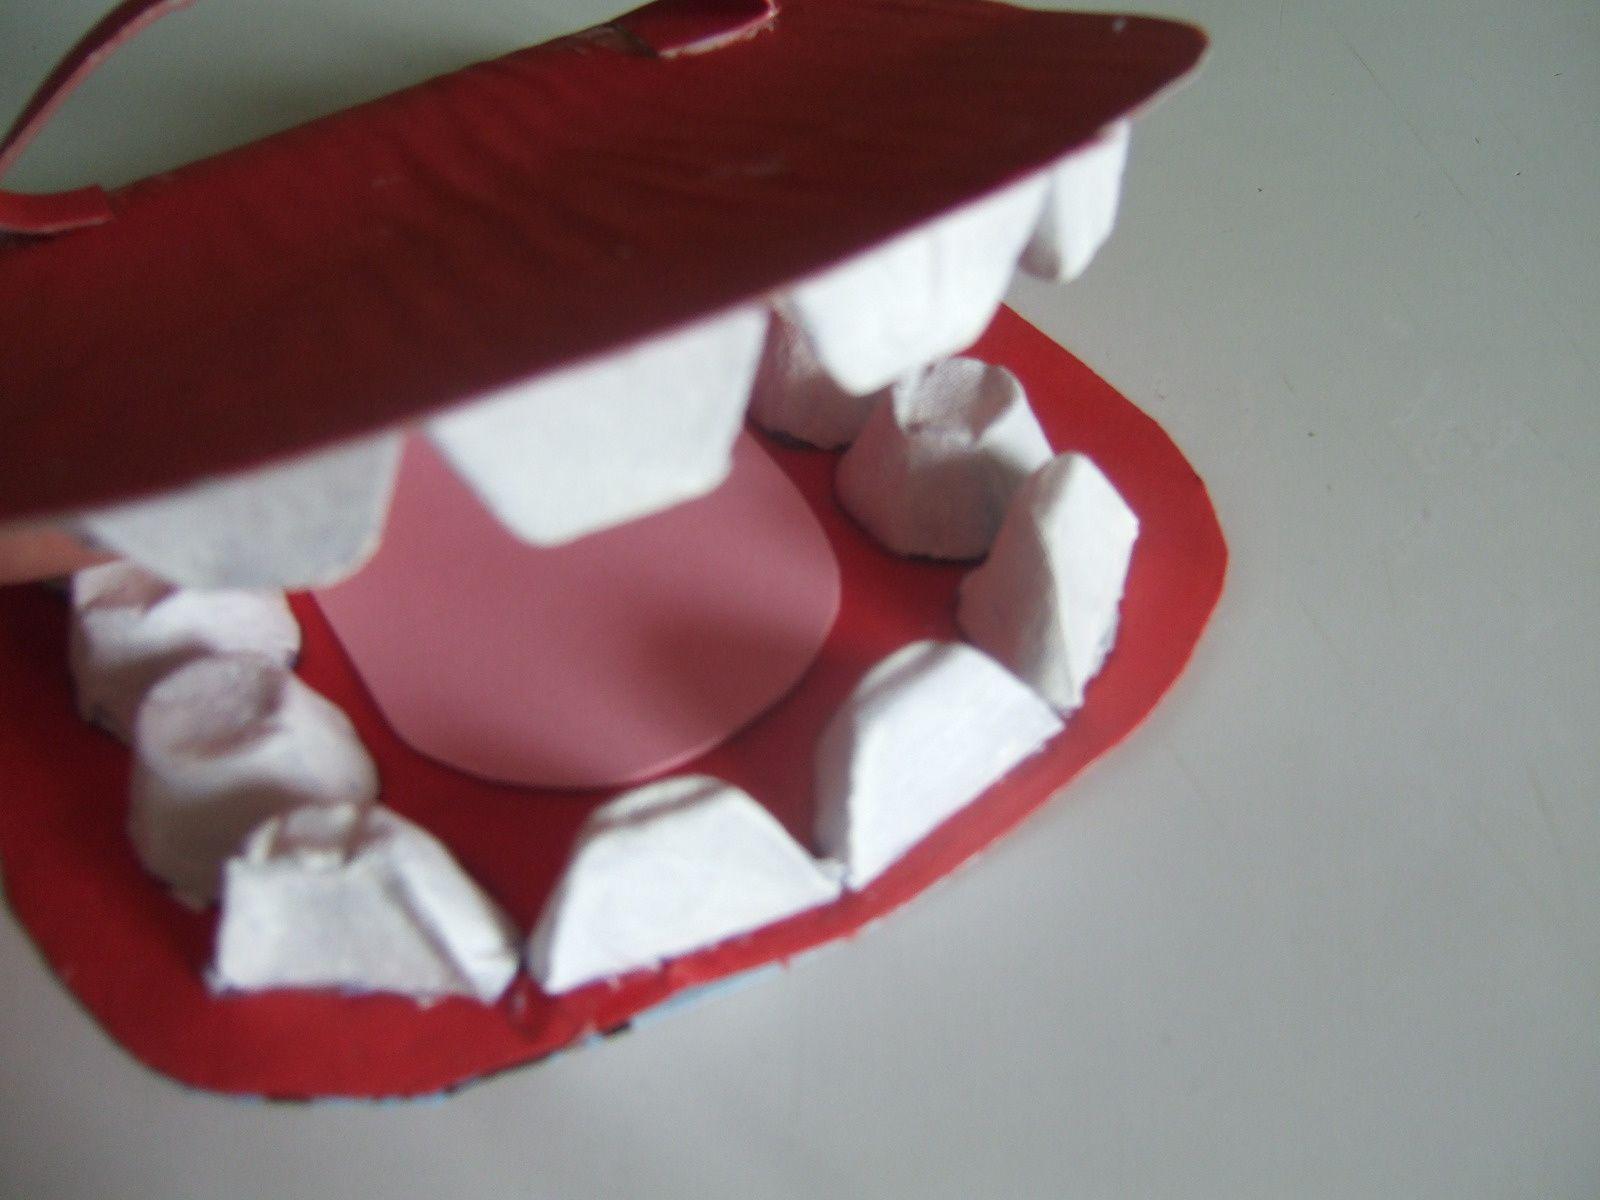 apprendre à se laver les dents : fabriquer sa &quot&#x3B;bouche&quot&#x3B;